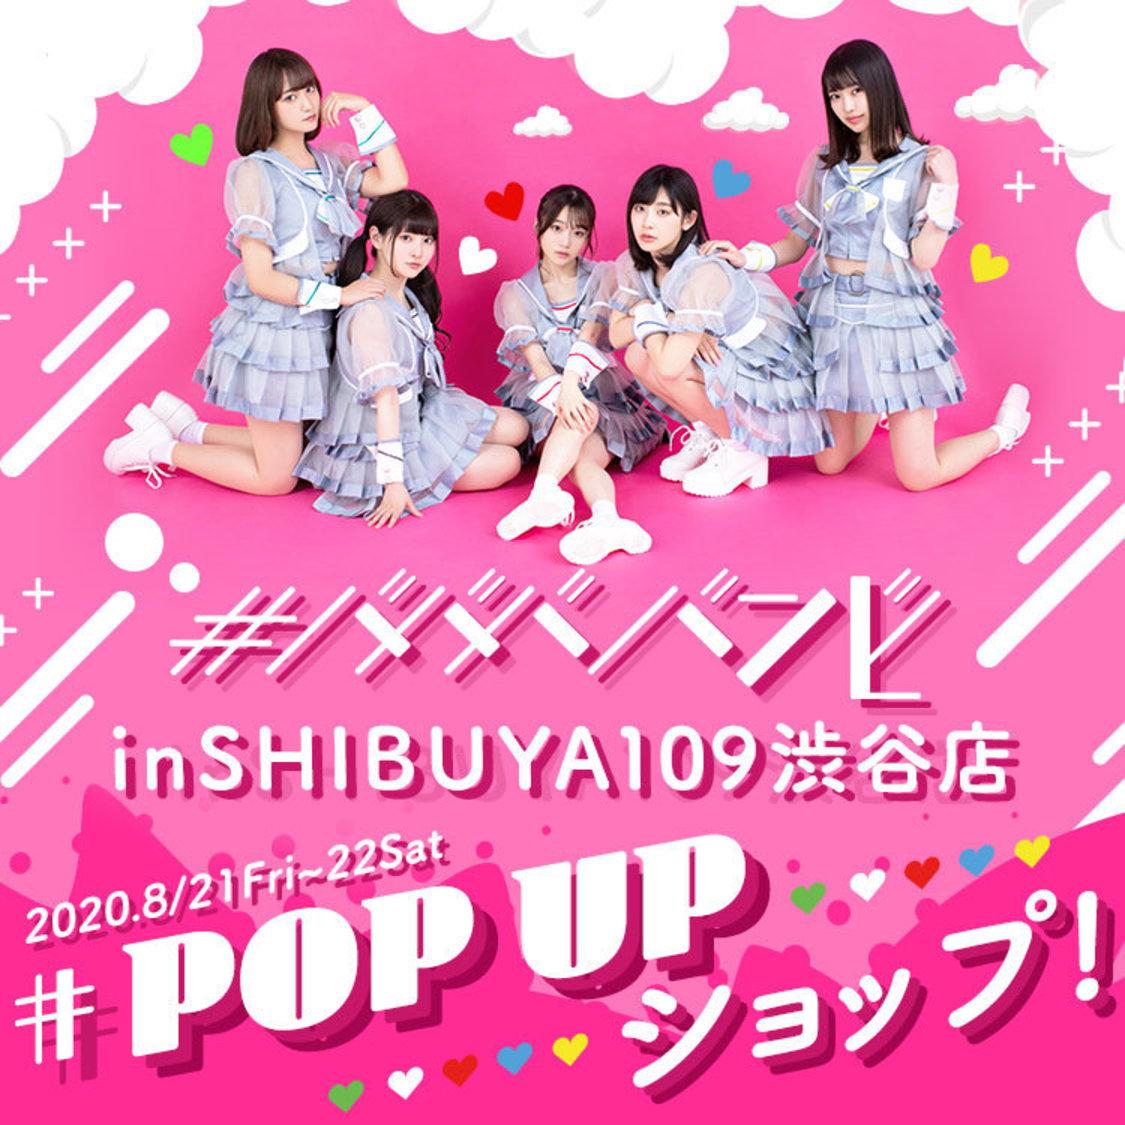 #ババババンビ、SHIBUYA109渋谷店にてポップアップショップ開催!初CD「はじまりのはじまり」リリースも